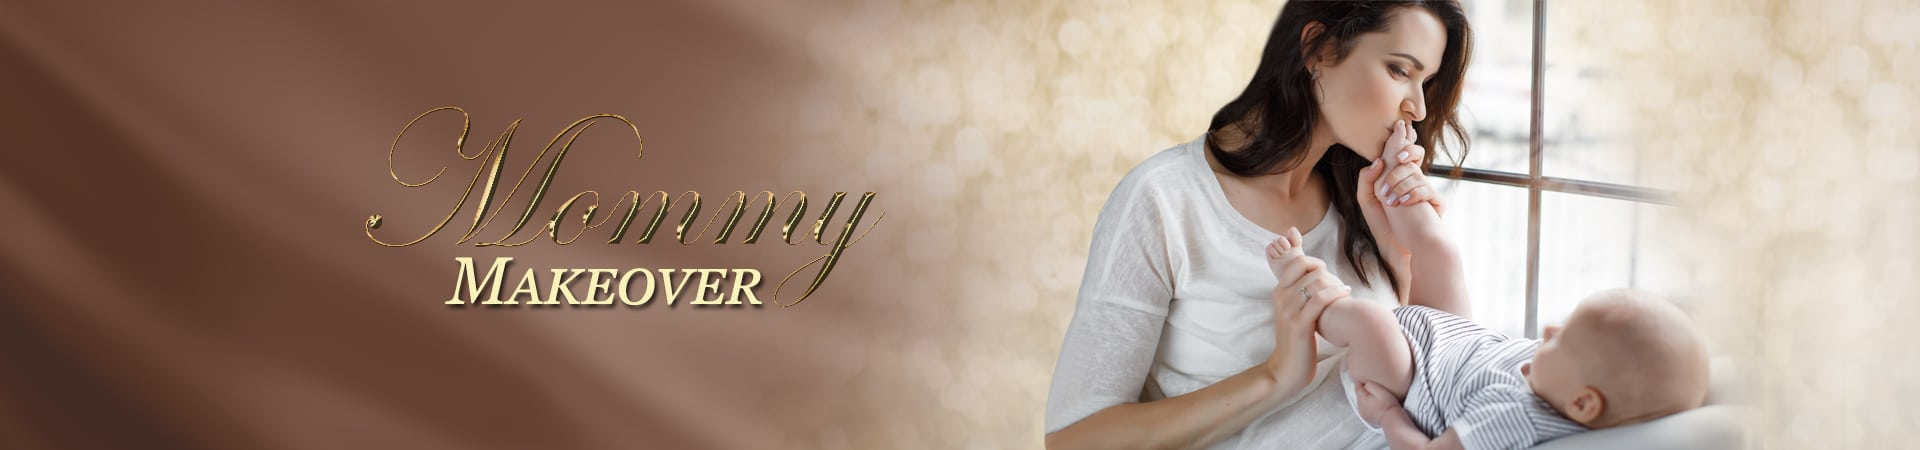 Mommy Makeover - banner